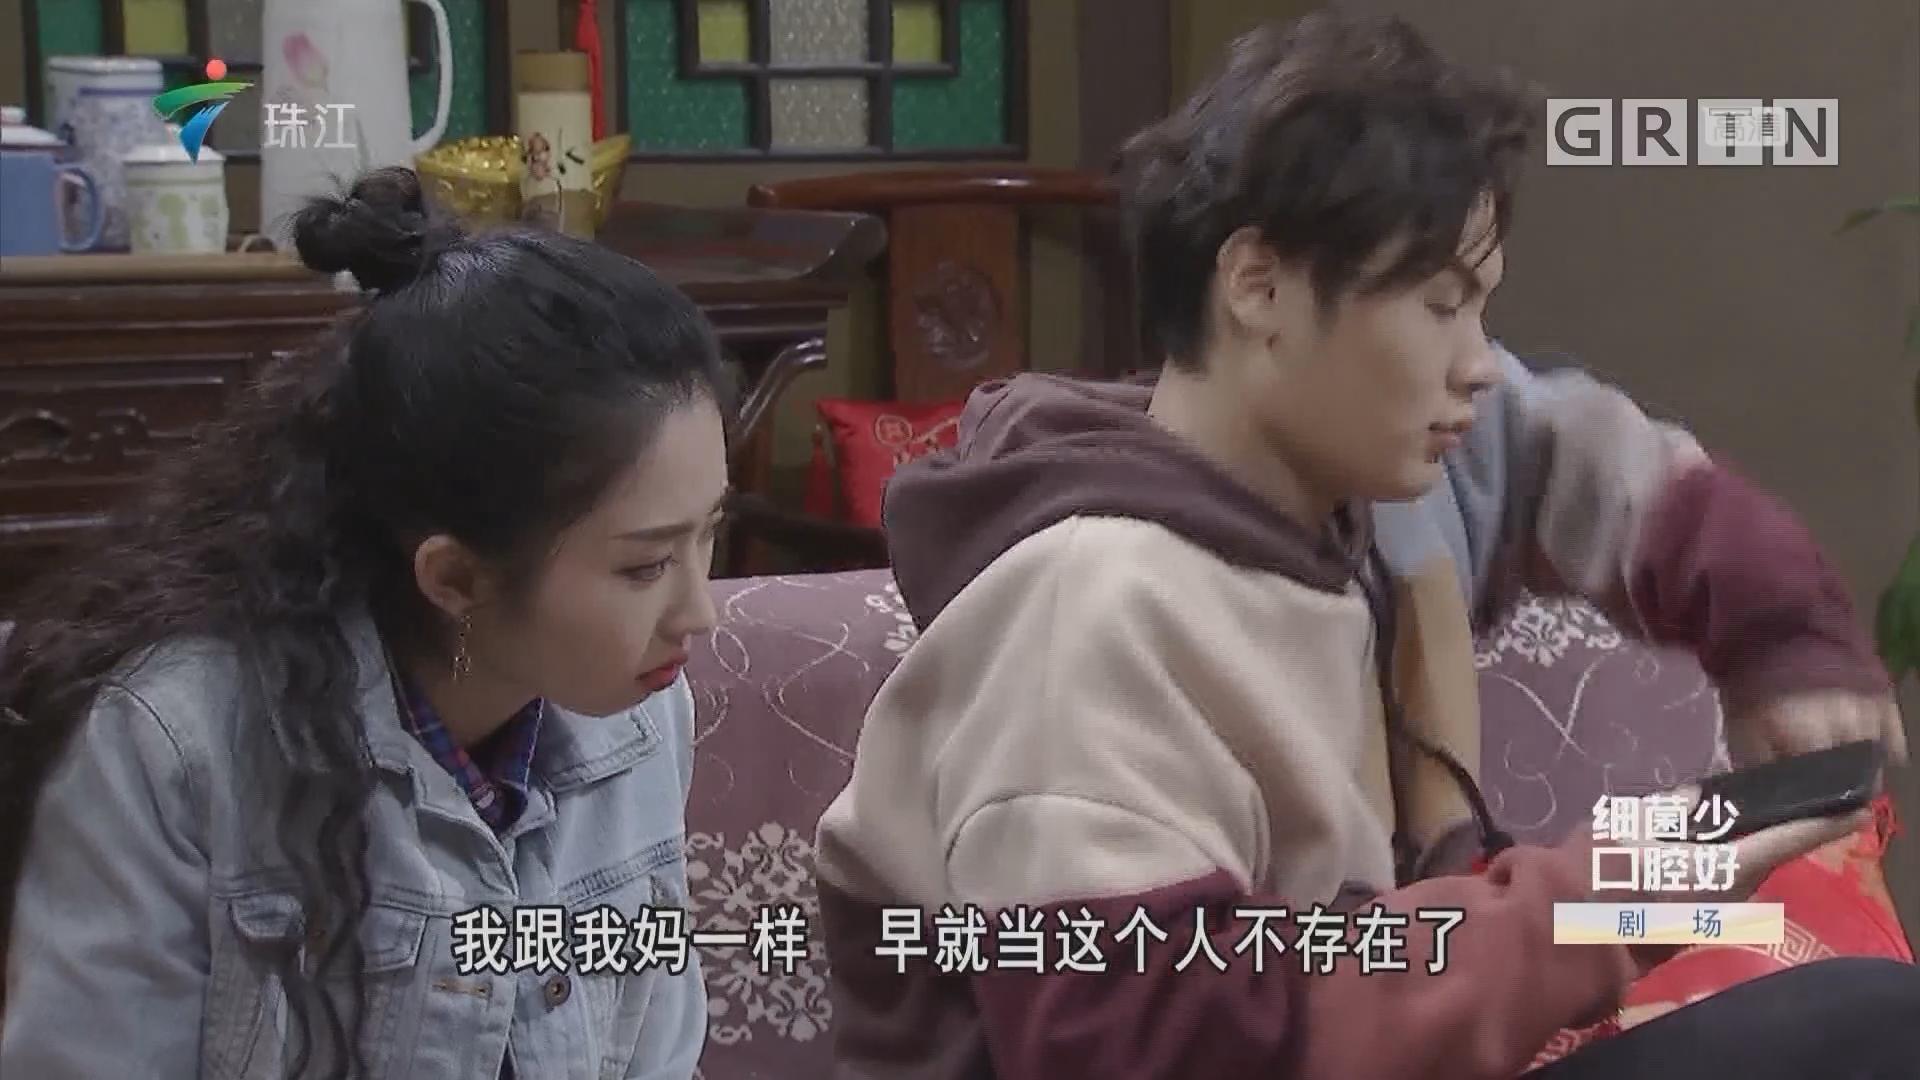 [HD][2019-05-25]外来媳妇本地郎:来自天堂的祝福(上)